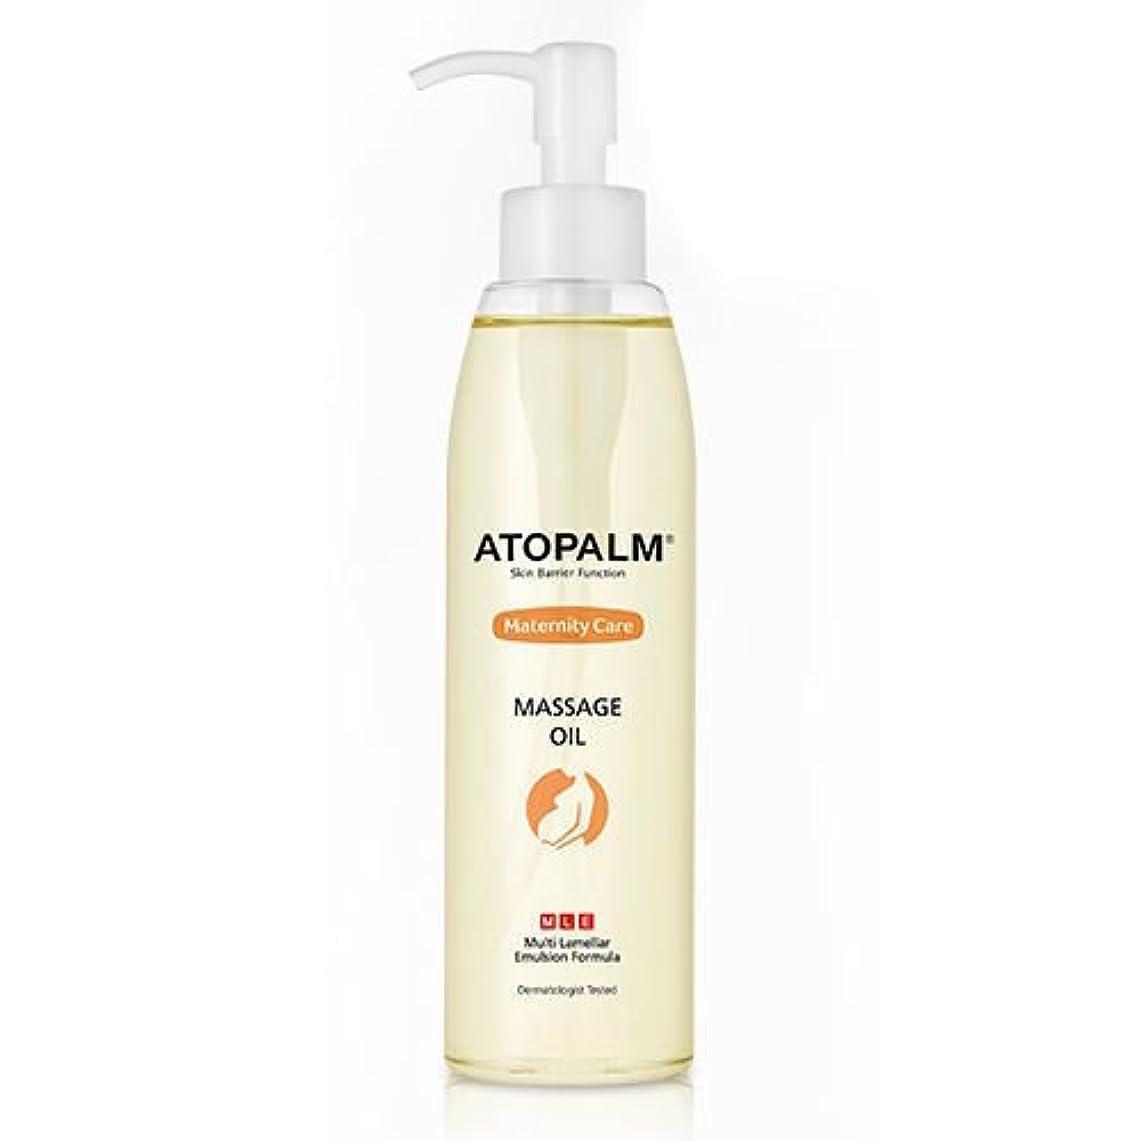 体細胞帆見つけるATOPALM Maternity Care Massage Oil 120ml/アトパーム マタニティ ケア マッサージ オイル 120ml [並行輸入品]